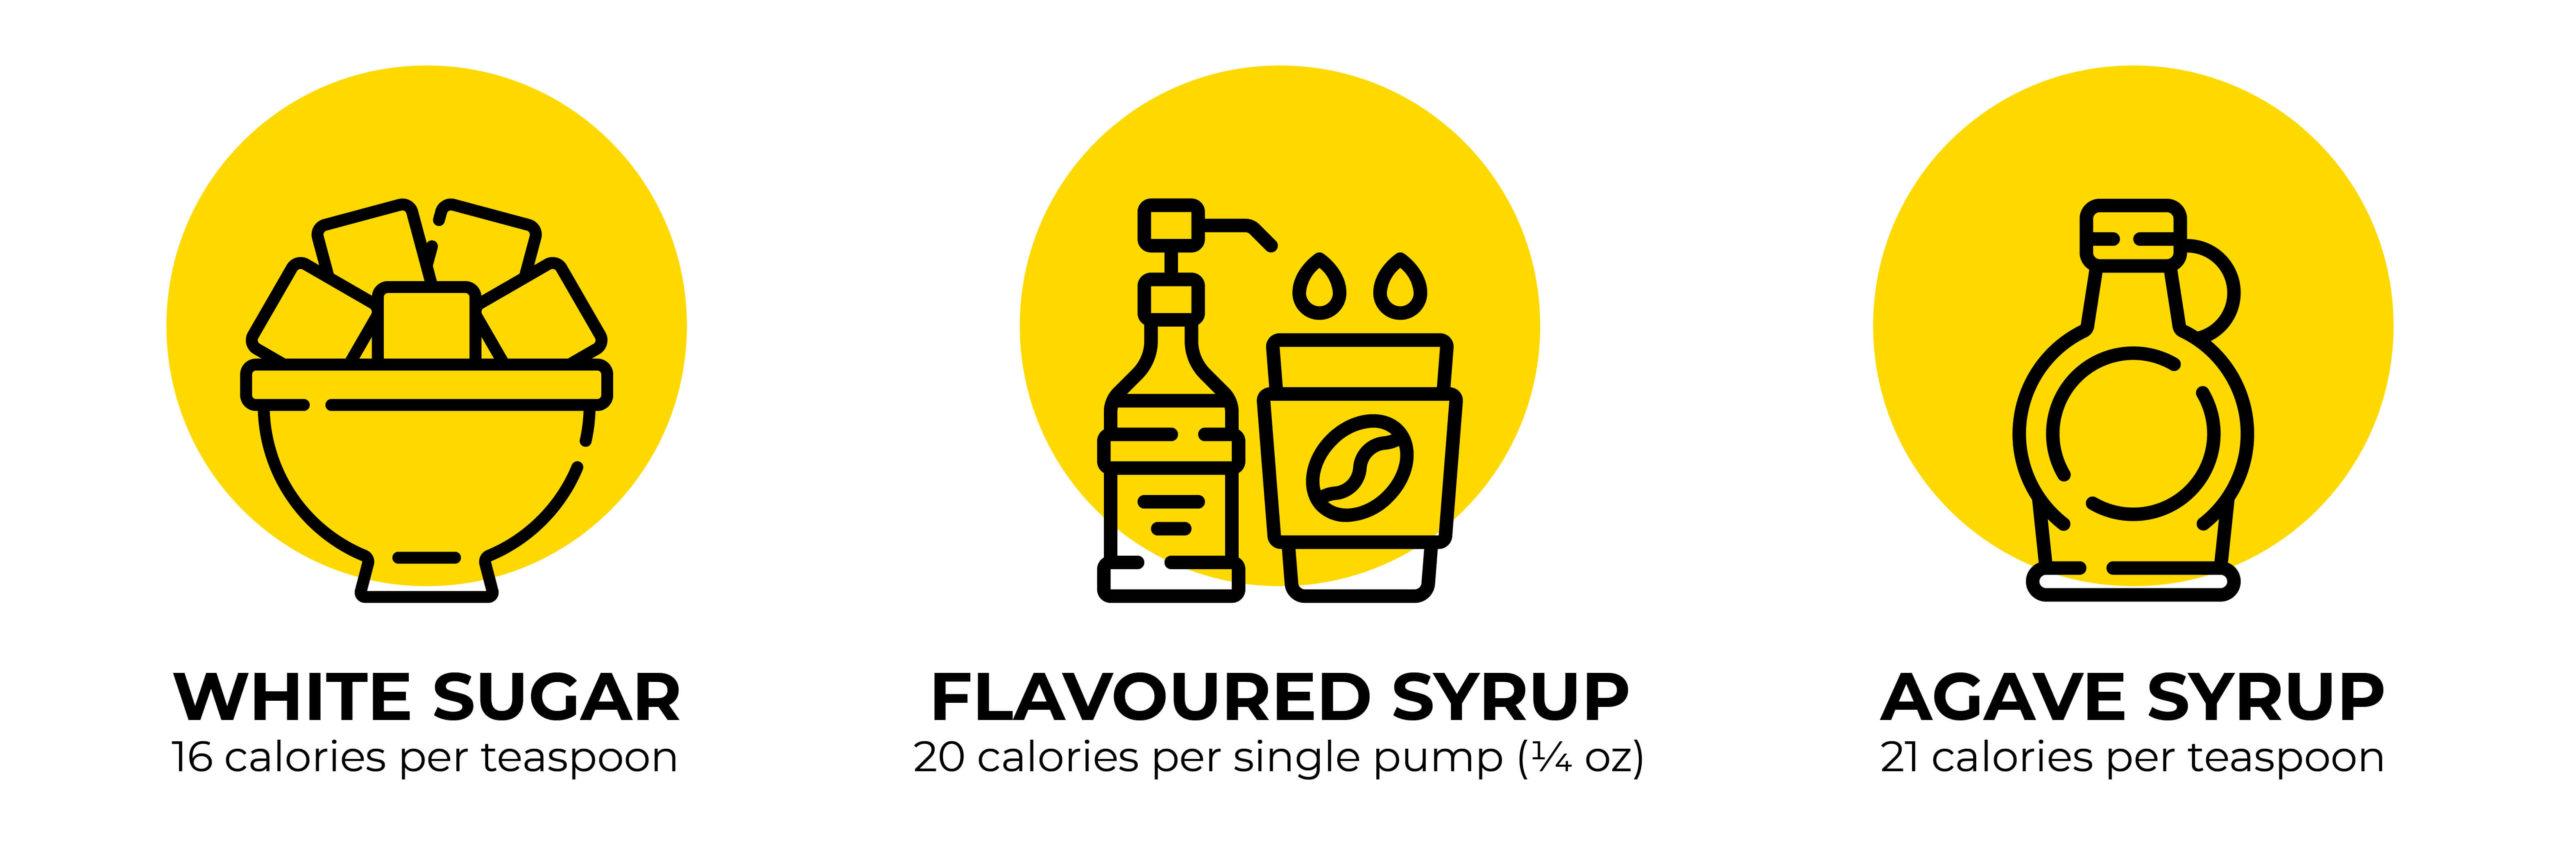 Sugar and syrups